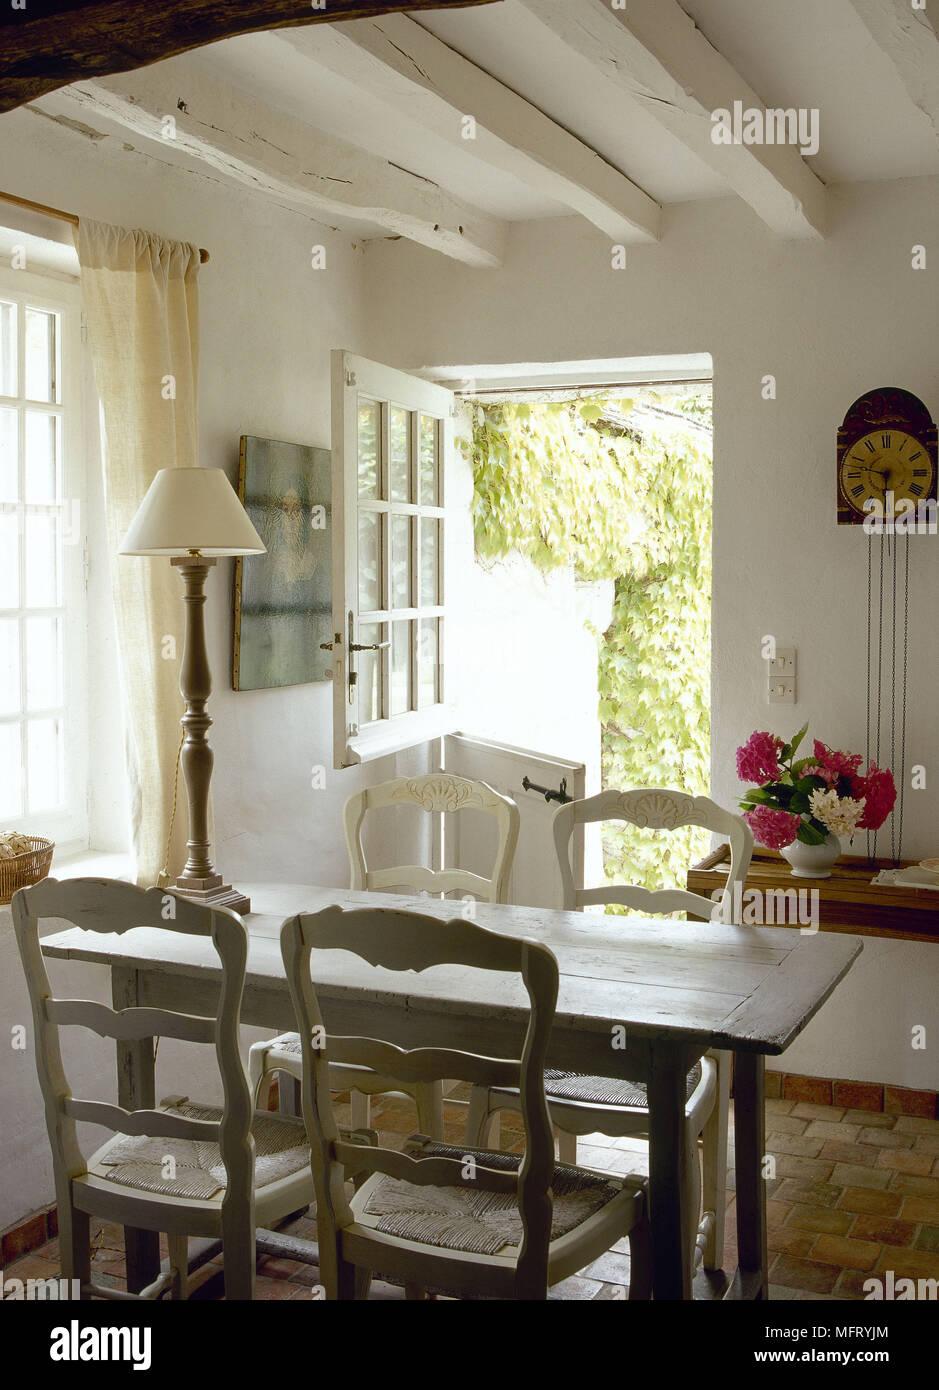 Merveilleux French Country Esszimmer Balkendecke Stabile Tür Tisch Stühle Innenräume  Zimmer Rustikale Hütten Zeitraum Funktionen